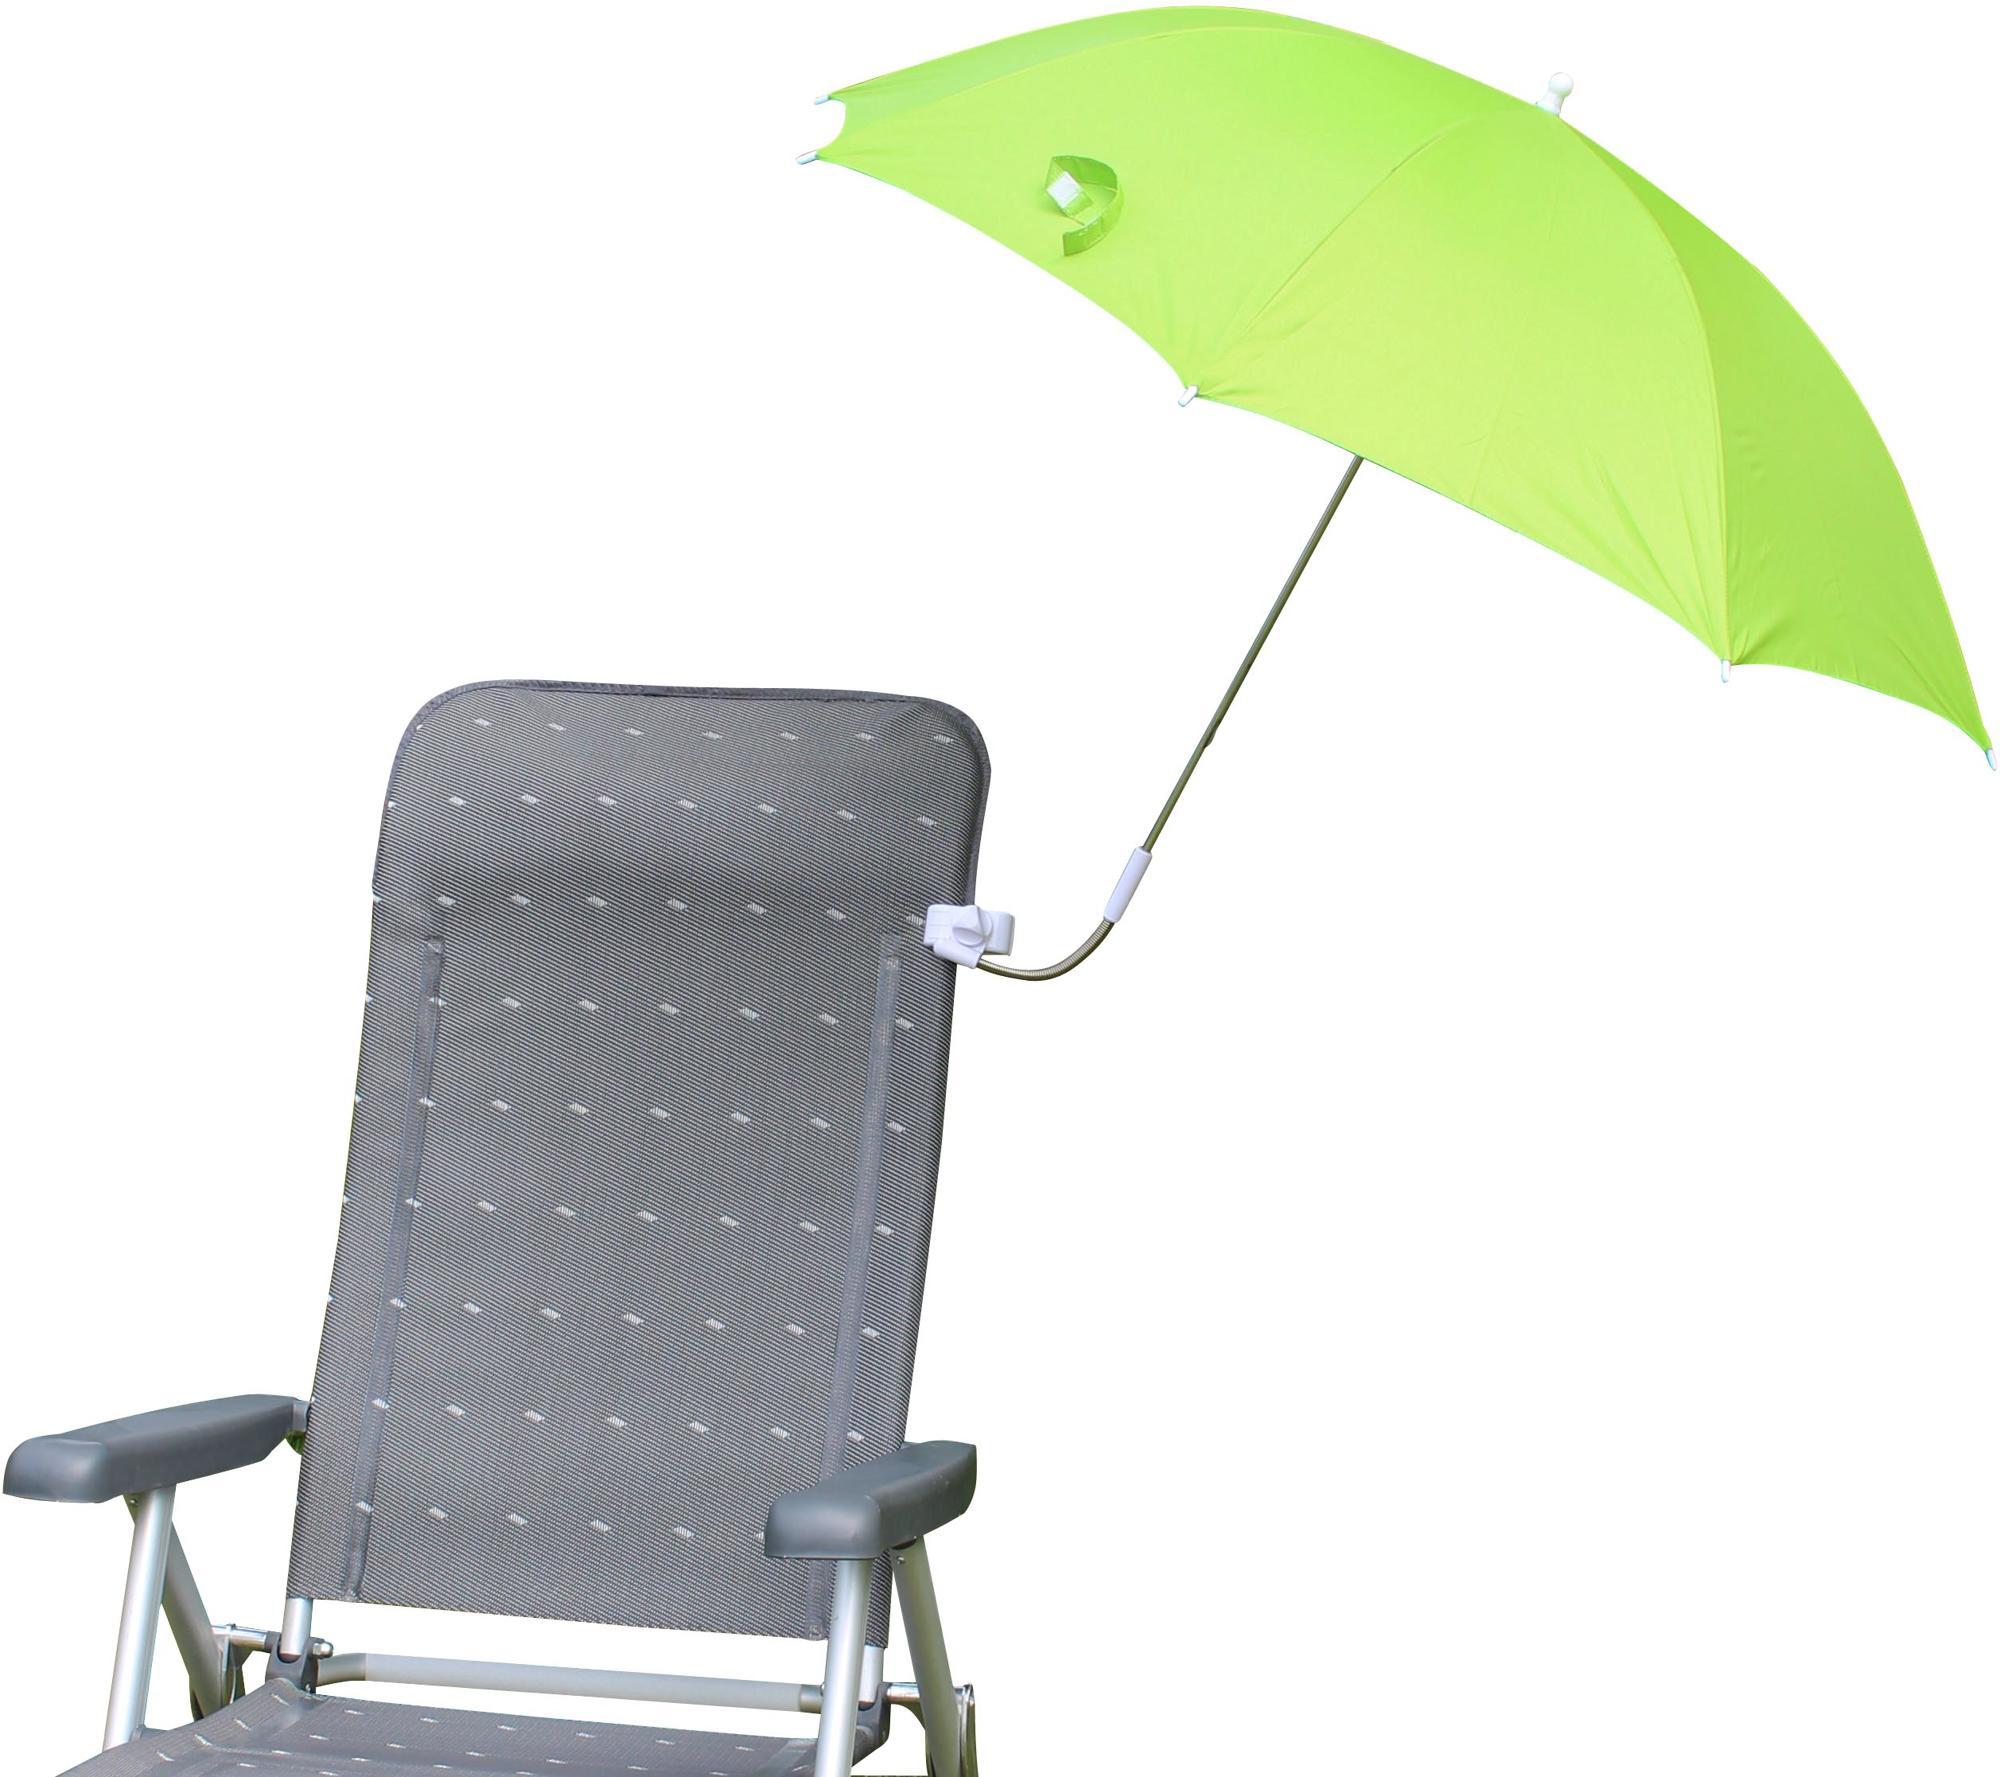 Eurotrail Stuhl Sonnenschirm Grün Von Eurotrail Bei Camping Wagner